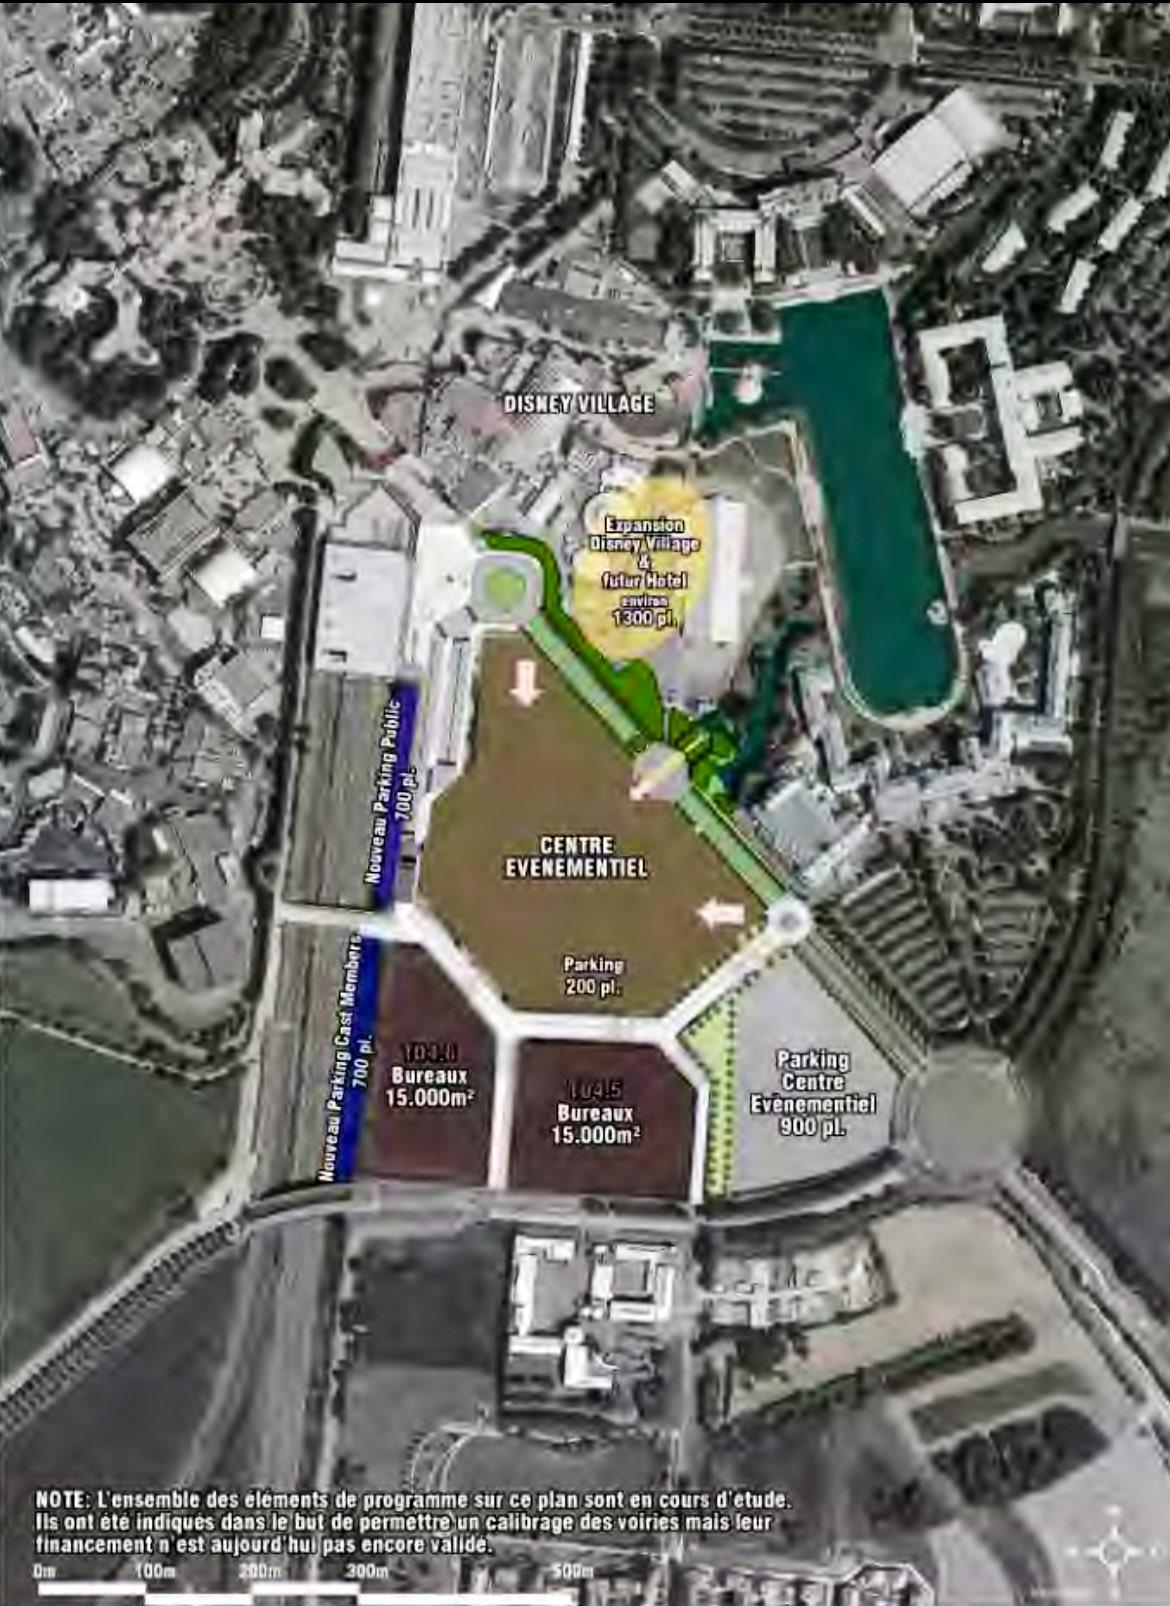 uitbreiding Disney Village